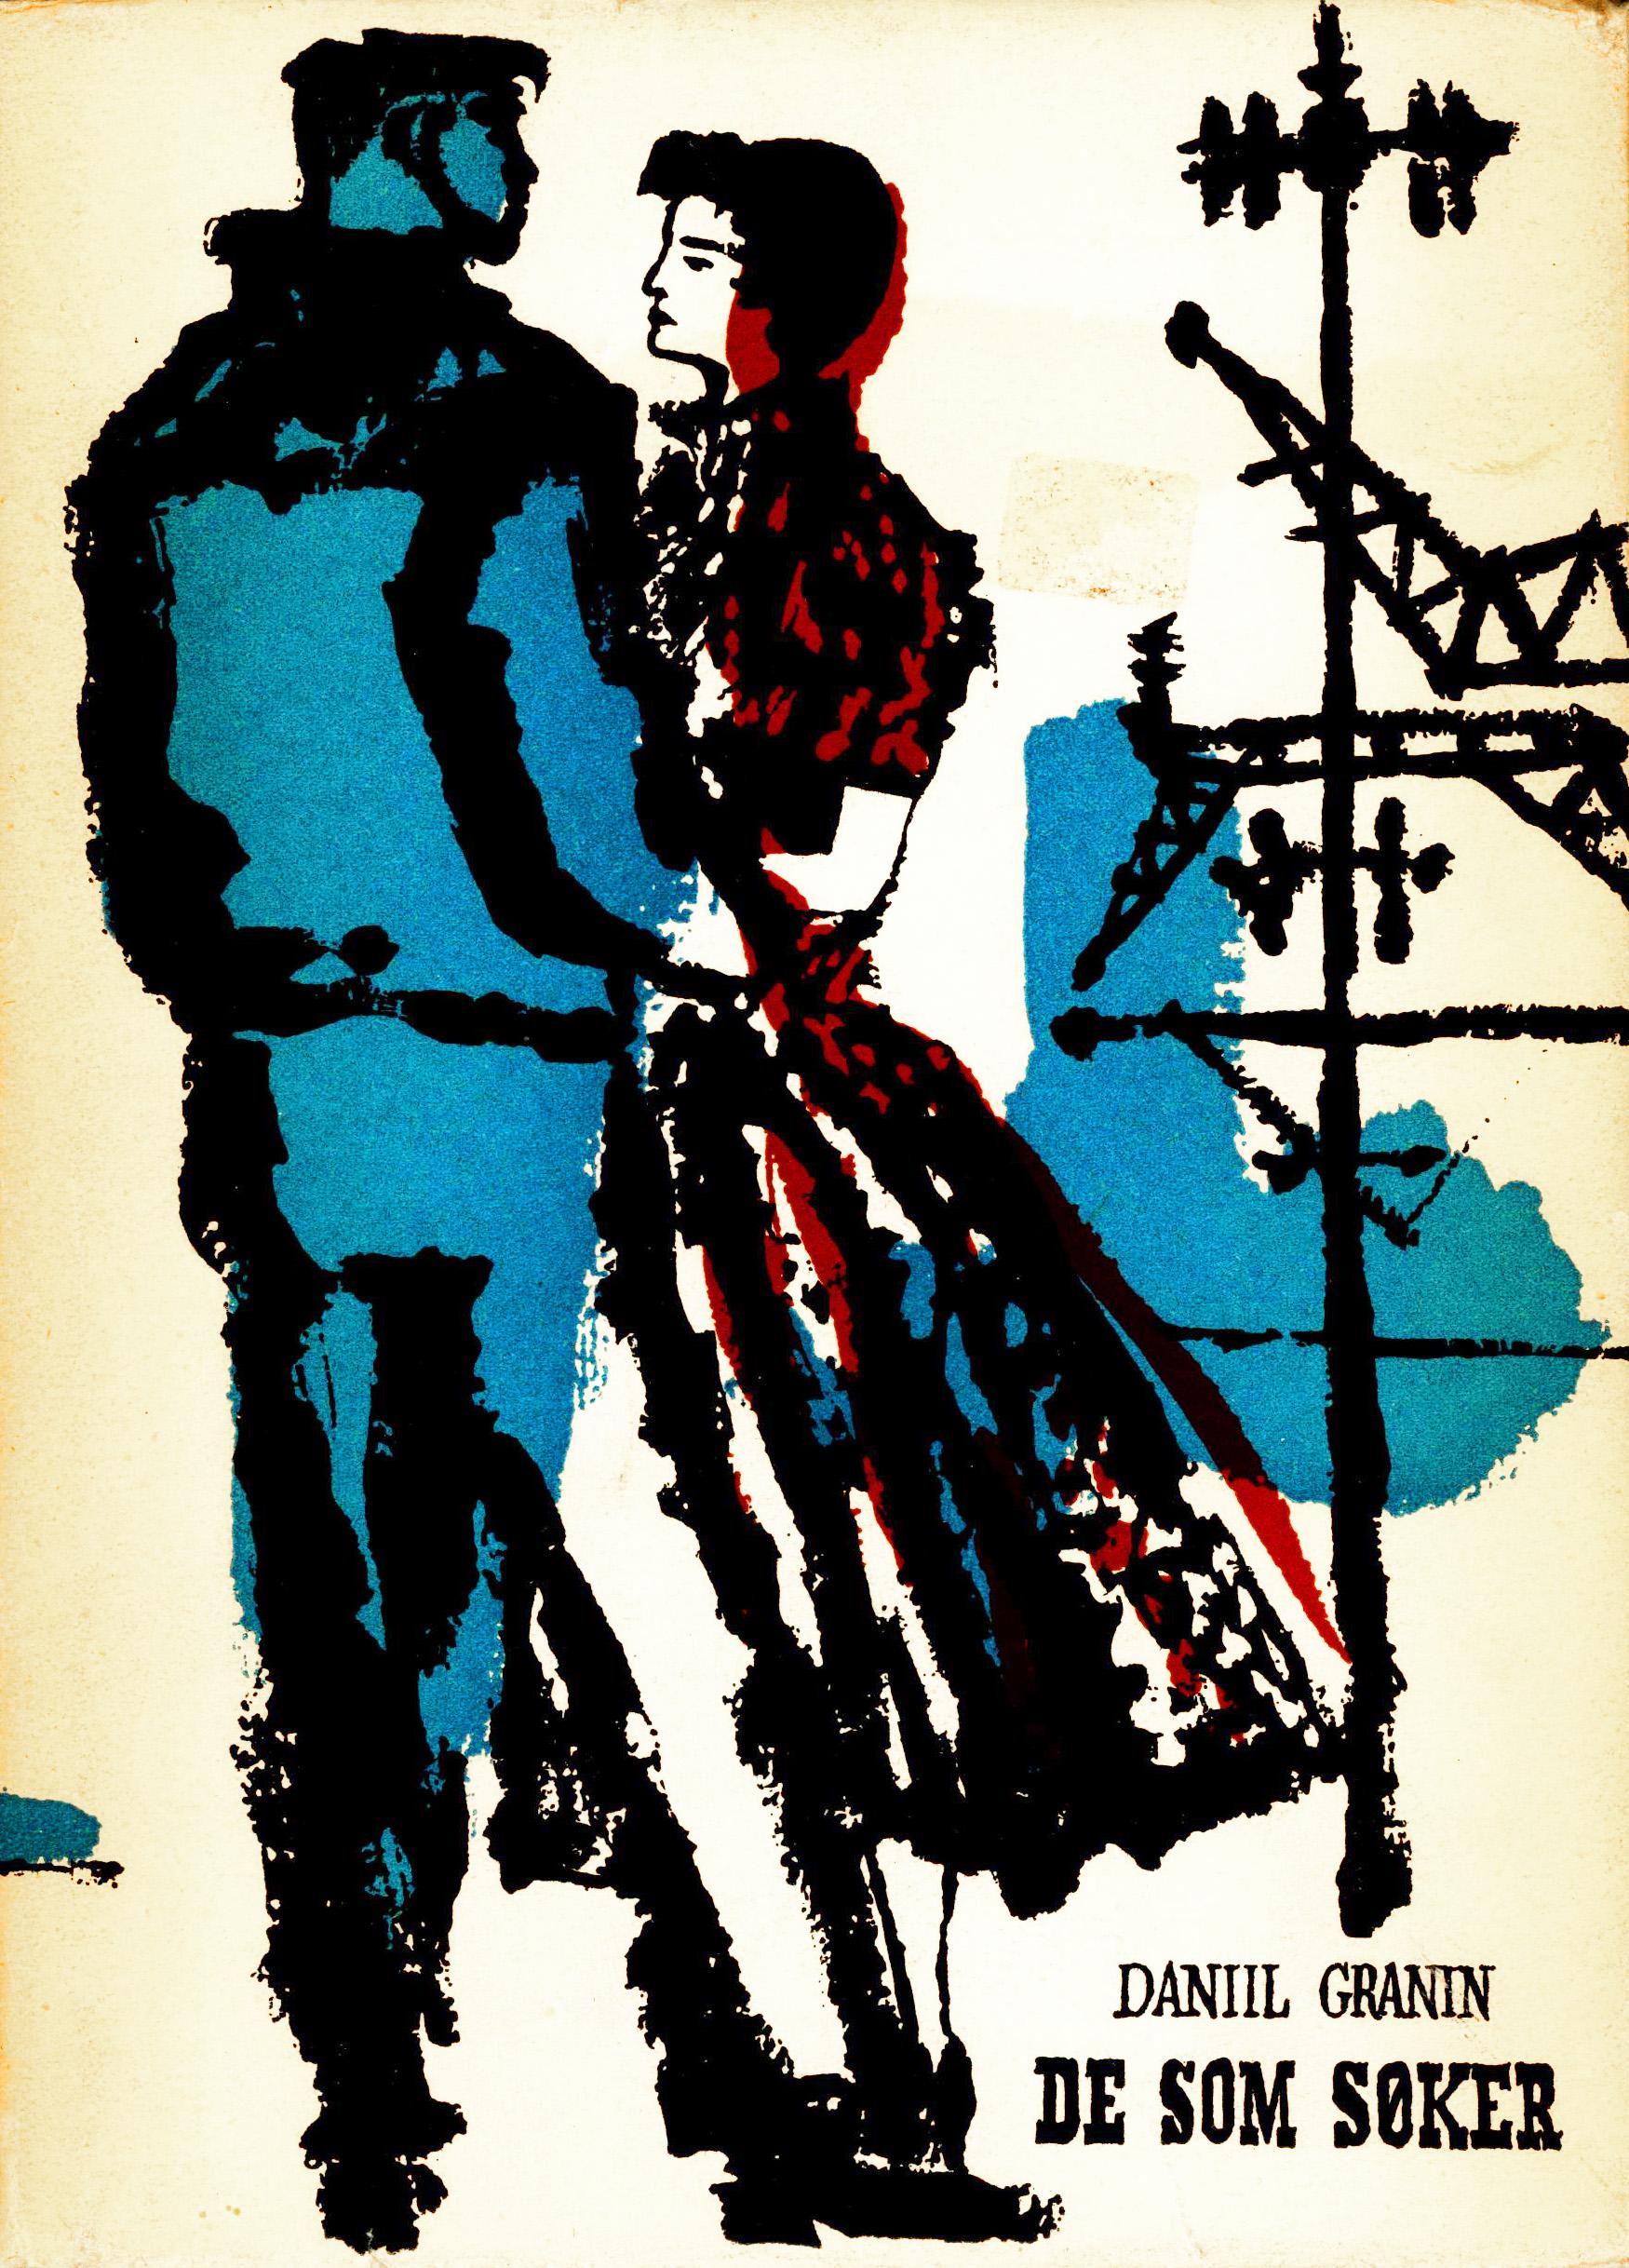 Daniil Granin: De som søker